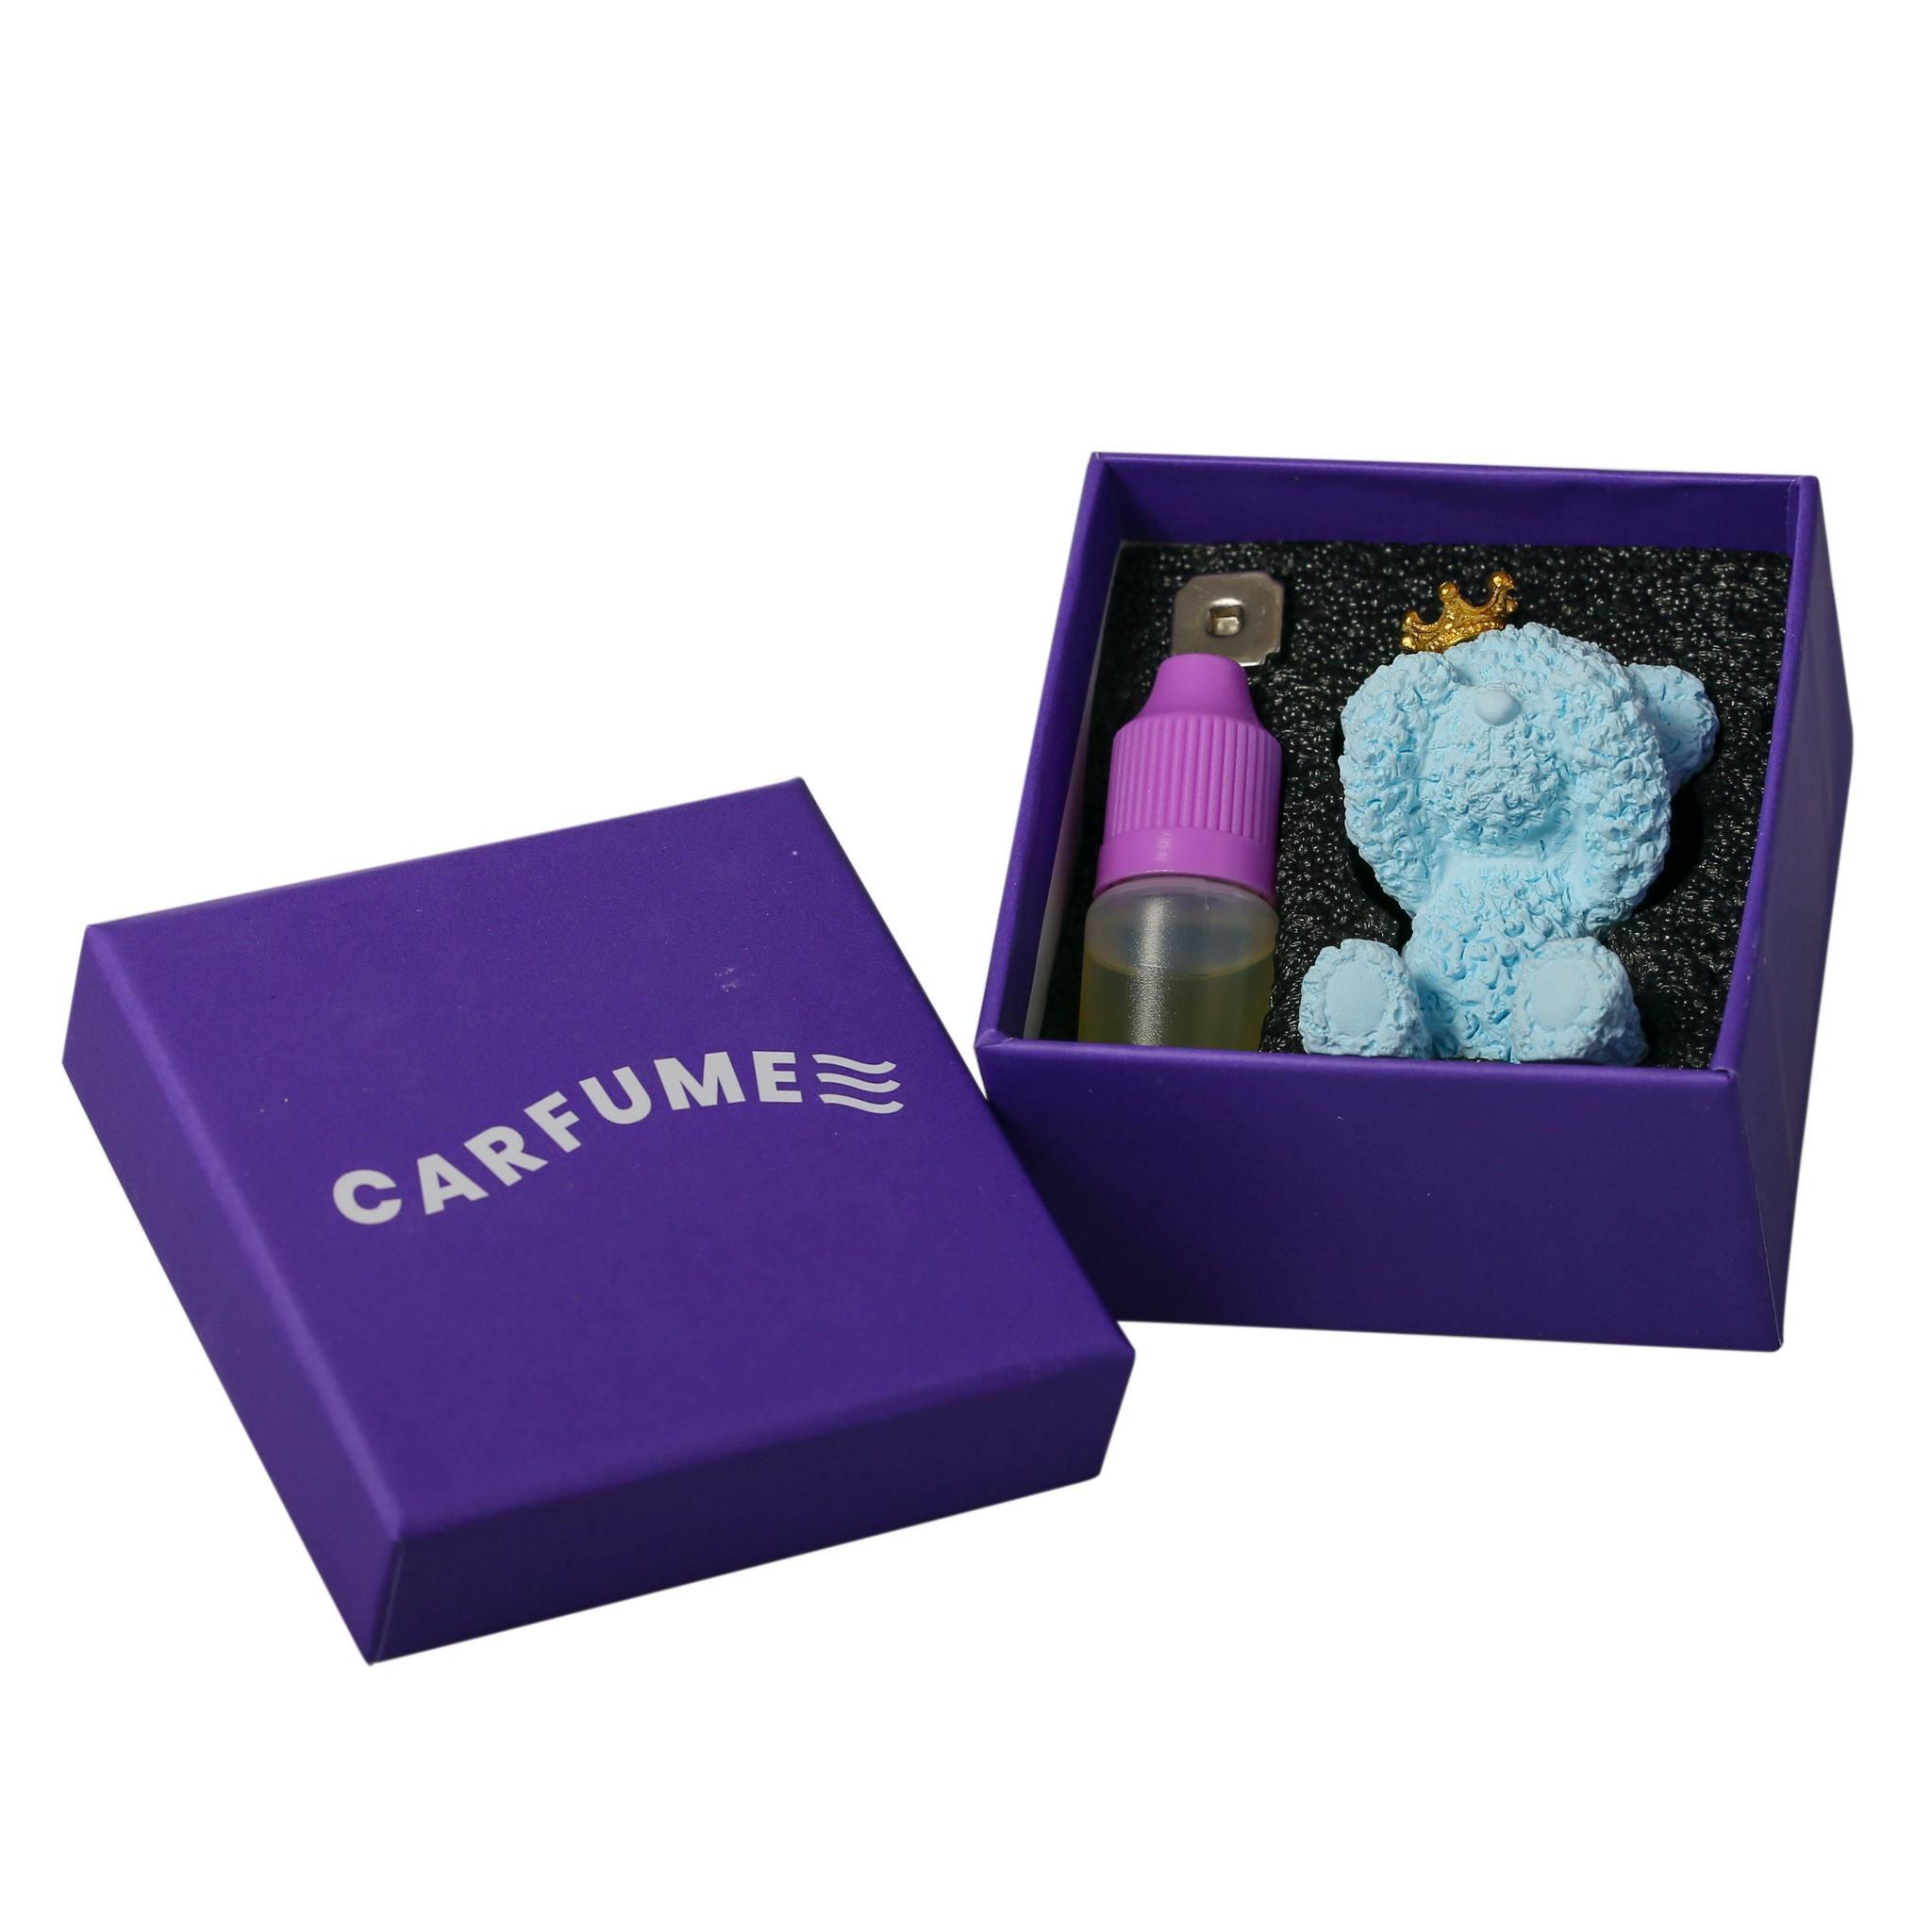 Baby Blue Bear - Carfume